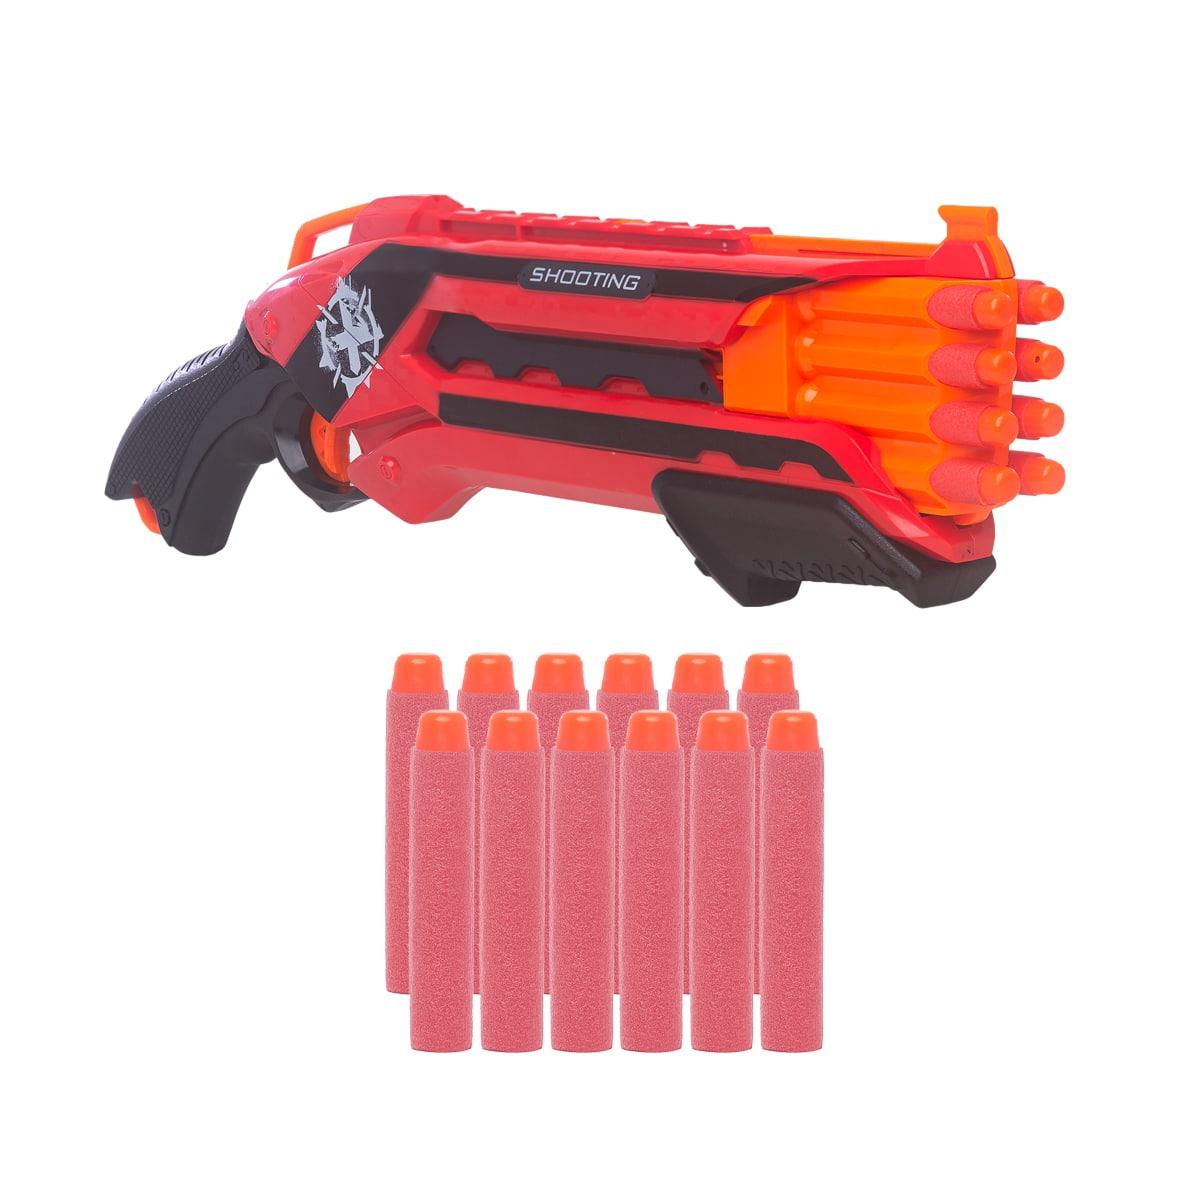 Arma Lançadora de Dardos tipo Nerf  12 dardos hero